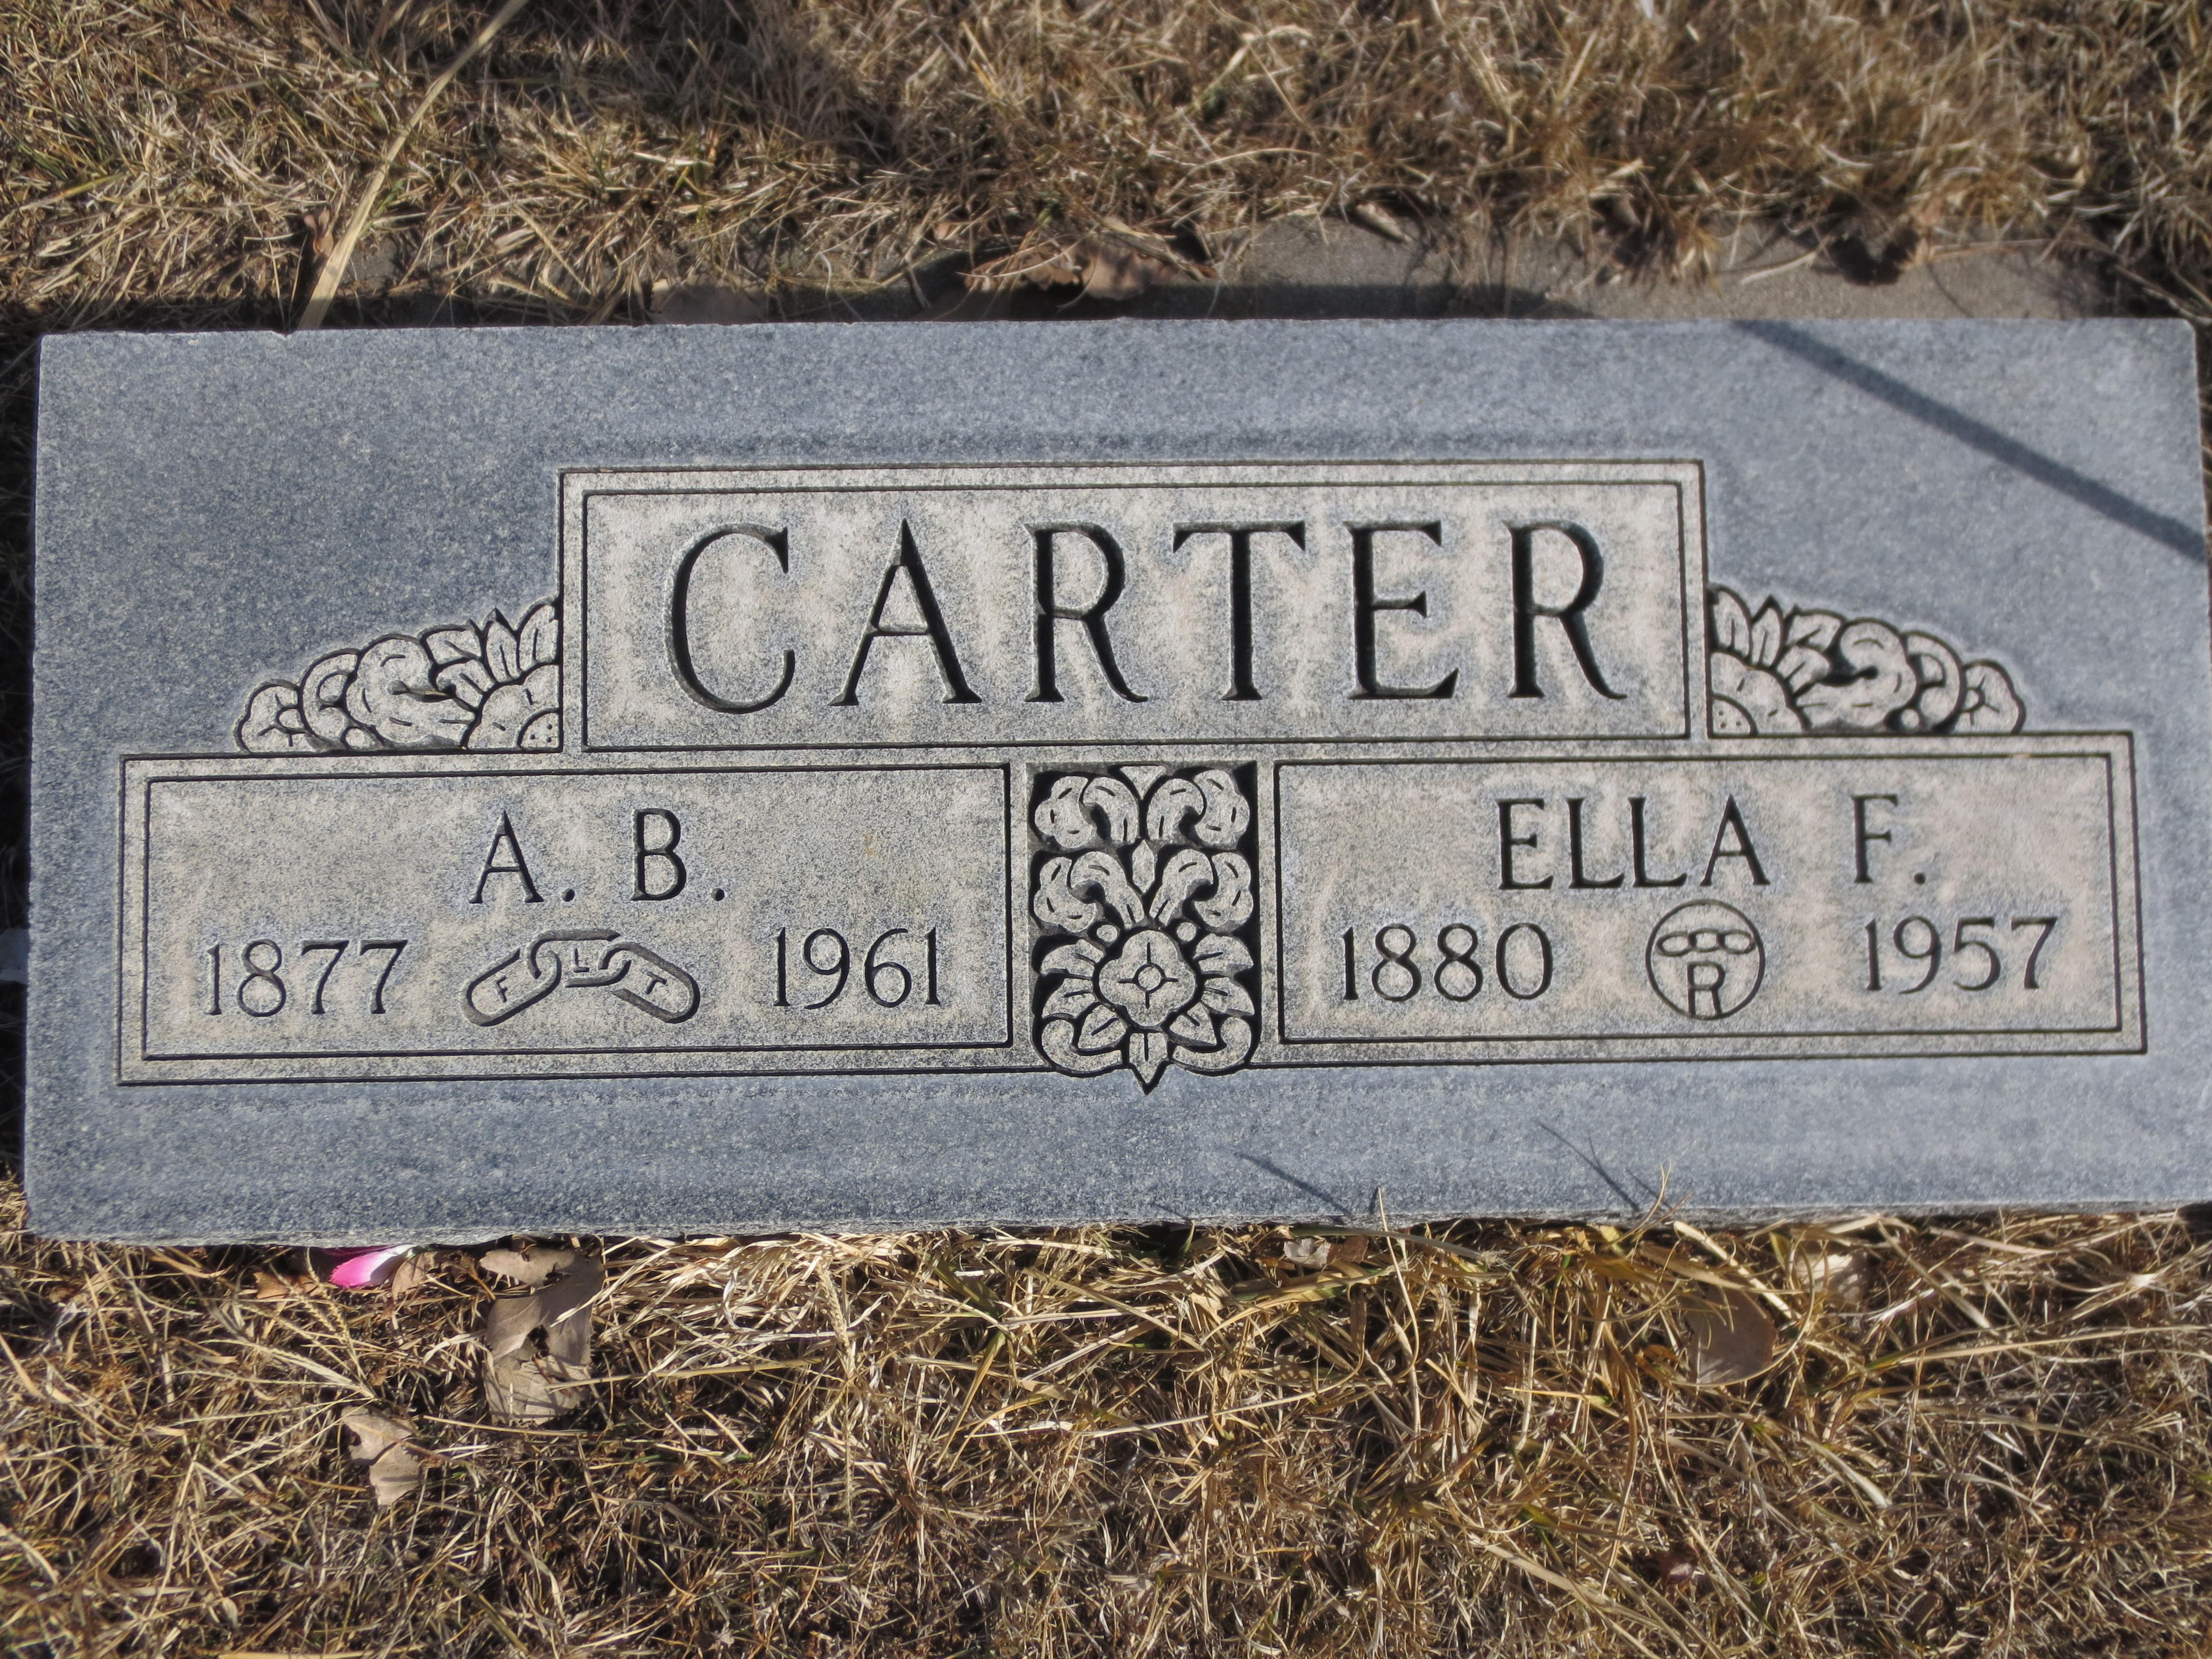 Achillis Ballenger Carter